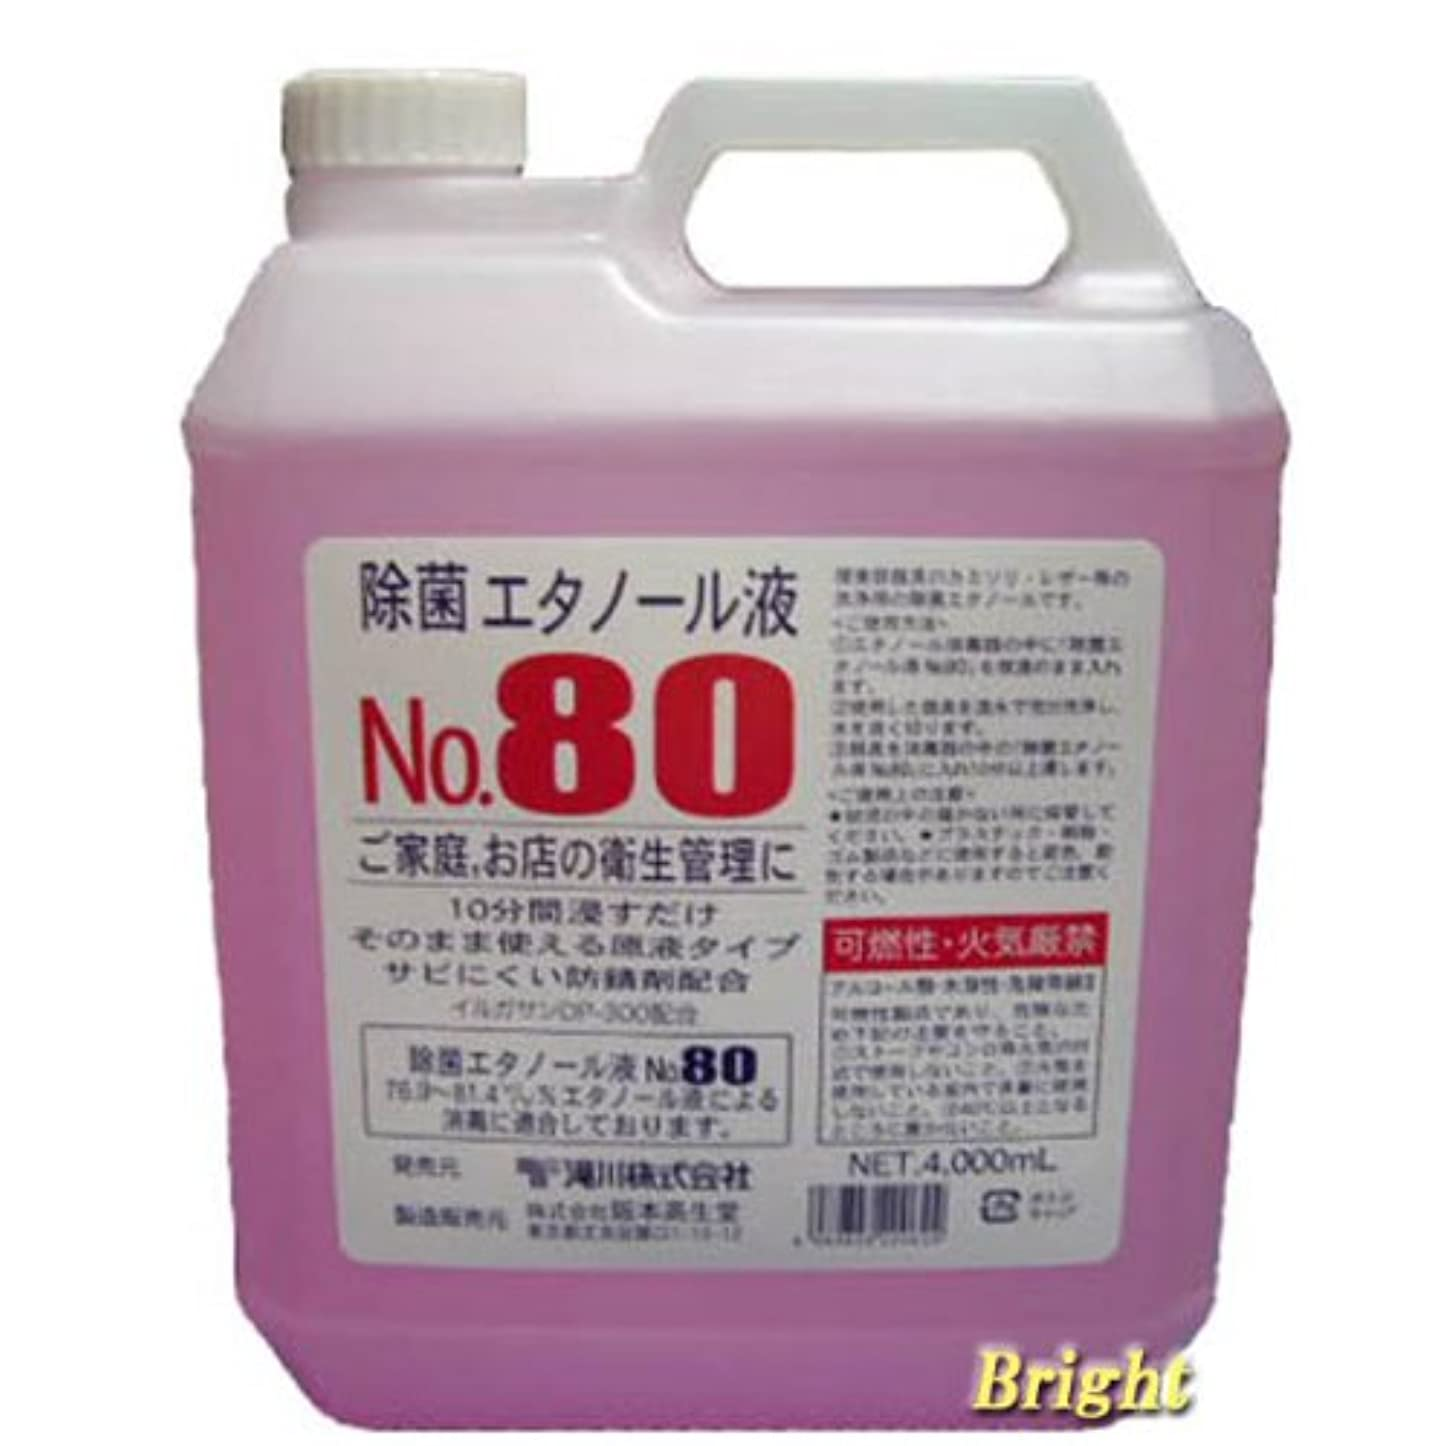 と組む耕すに同意する除菌エタノール液NO.80 4000ml